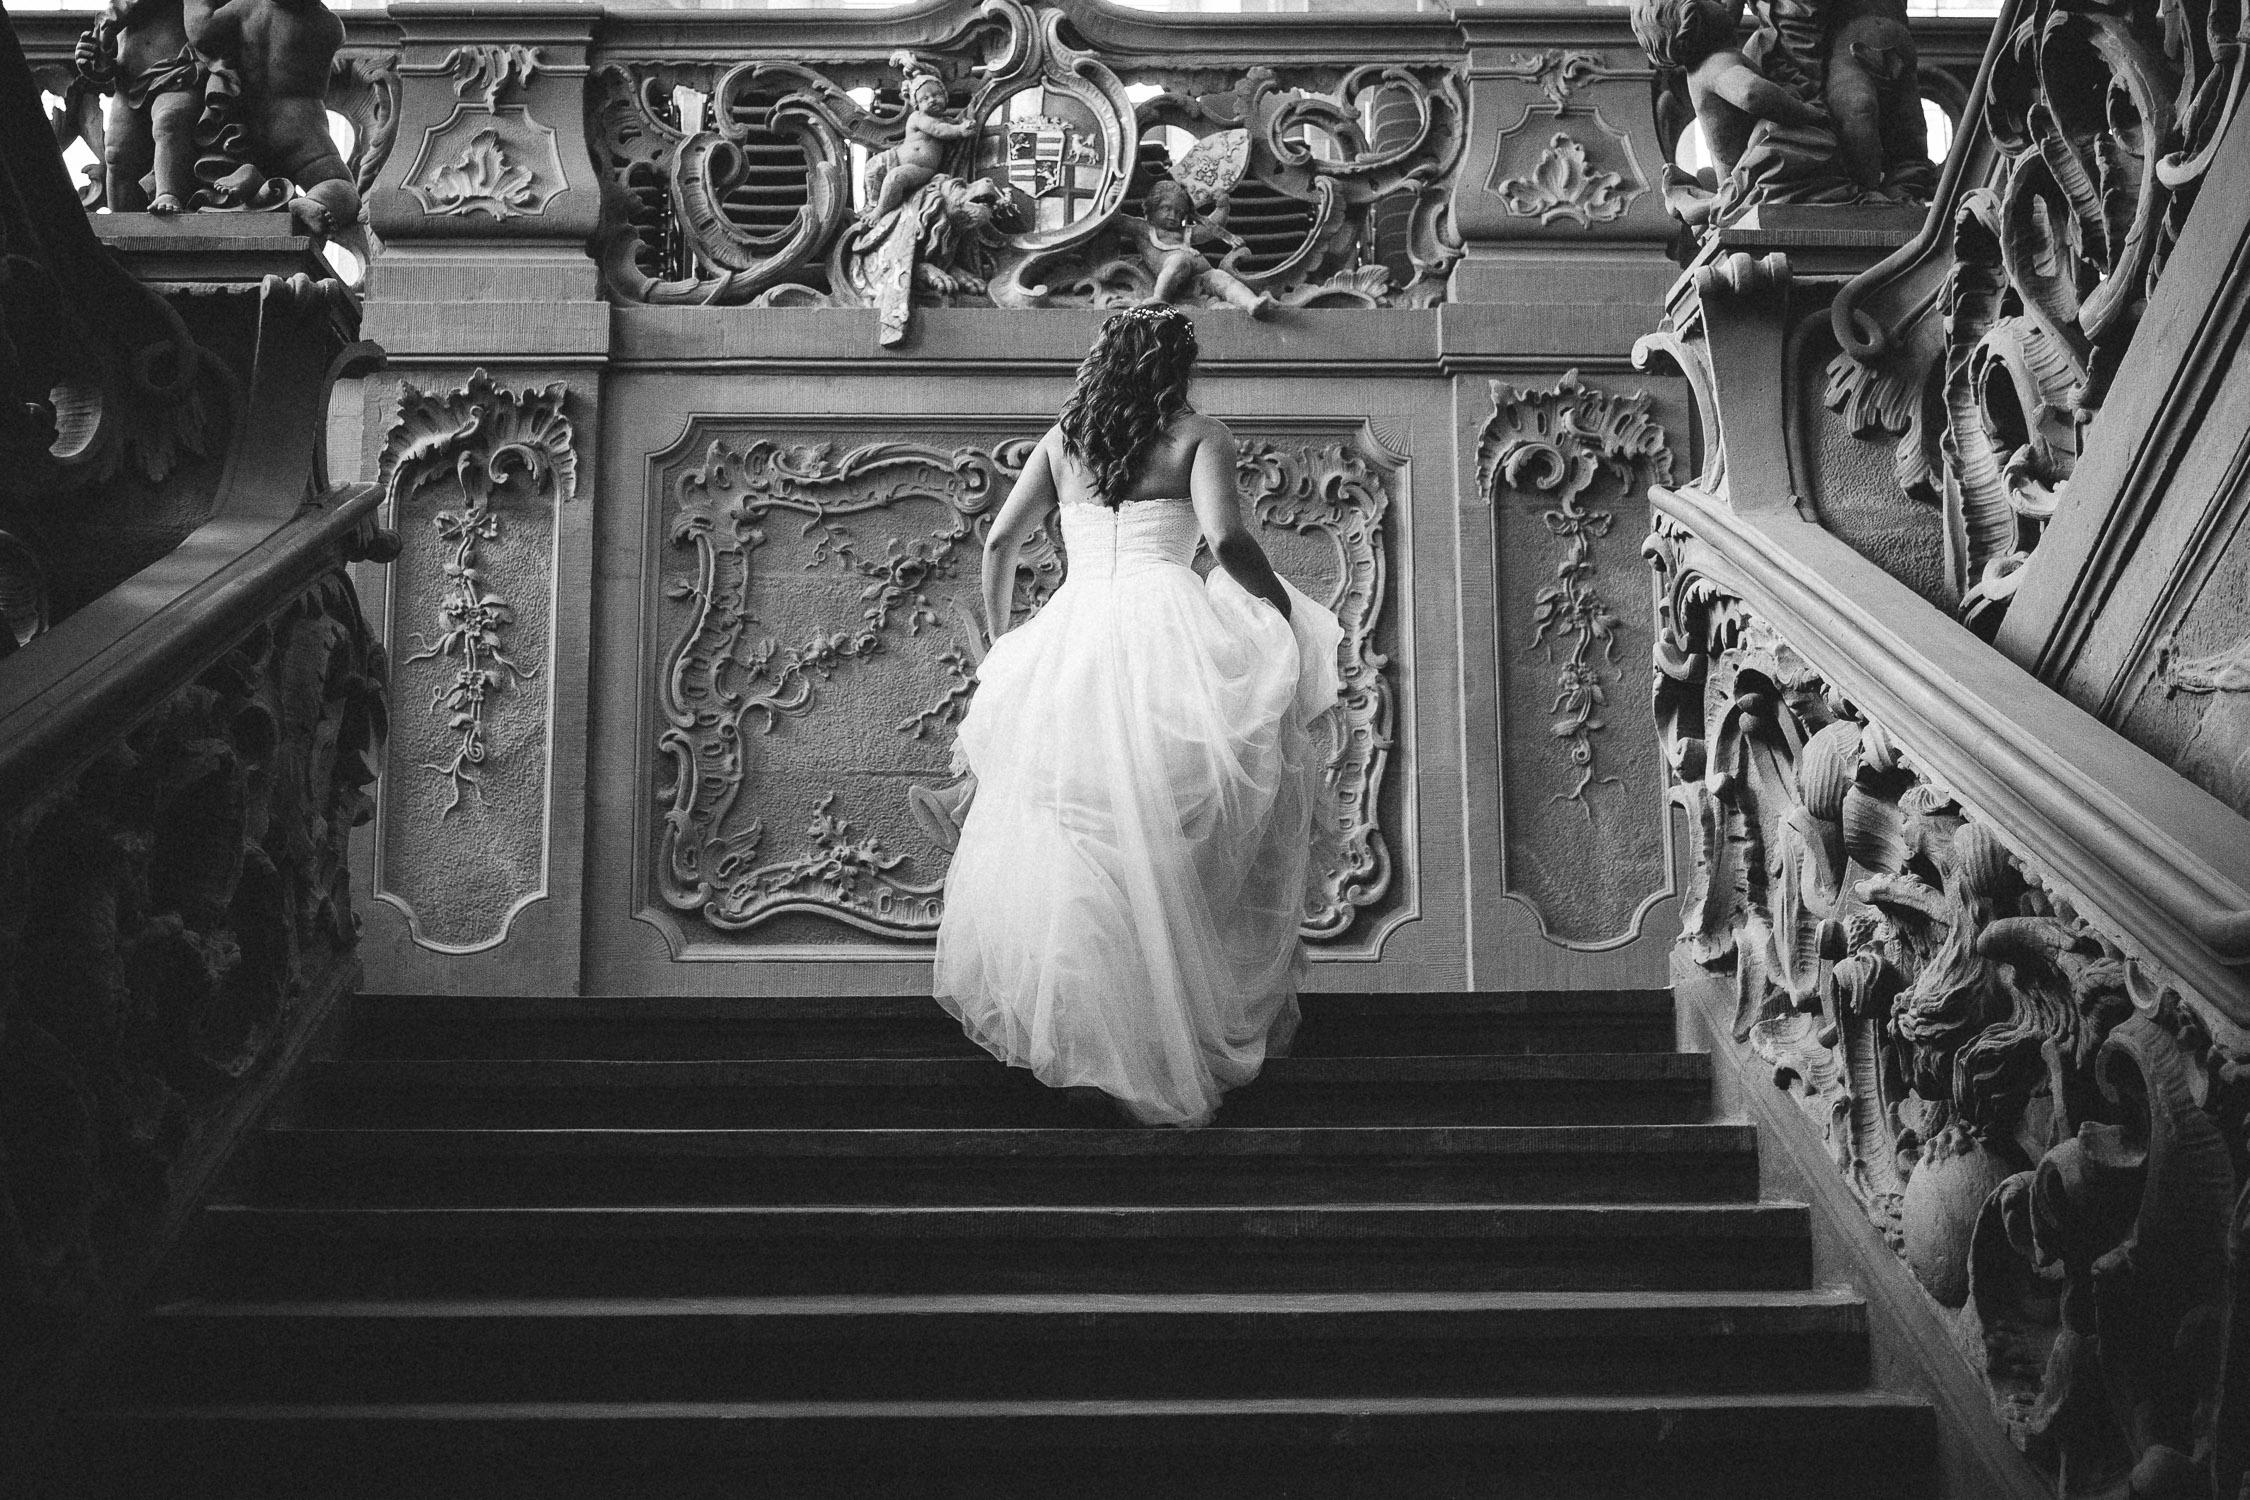 Die Braut schreitet die Treppe im Kurfürstlichen Palais in trier hinauf